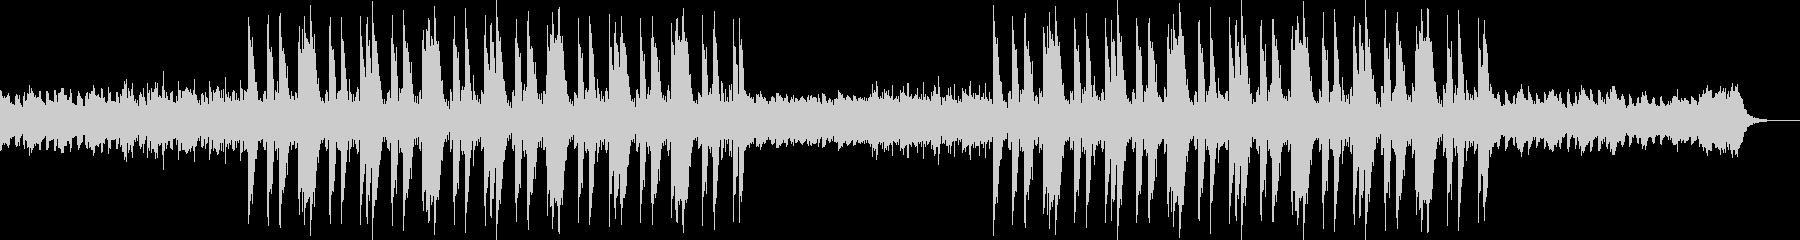 かわいい キラキラ チルトラップの未再生の波形